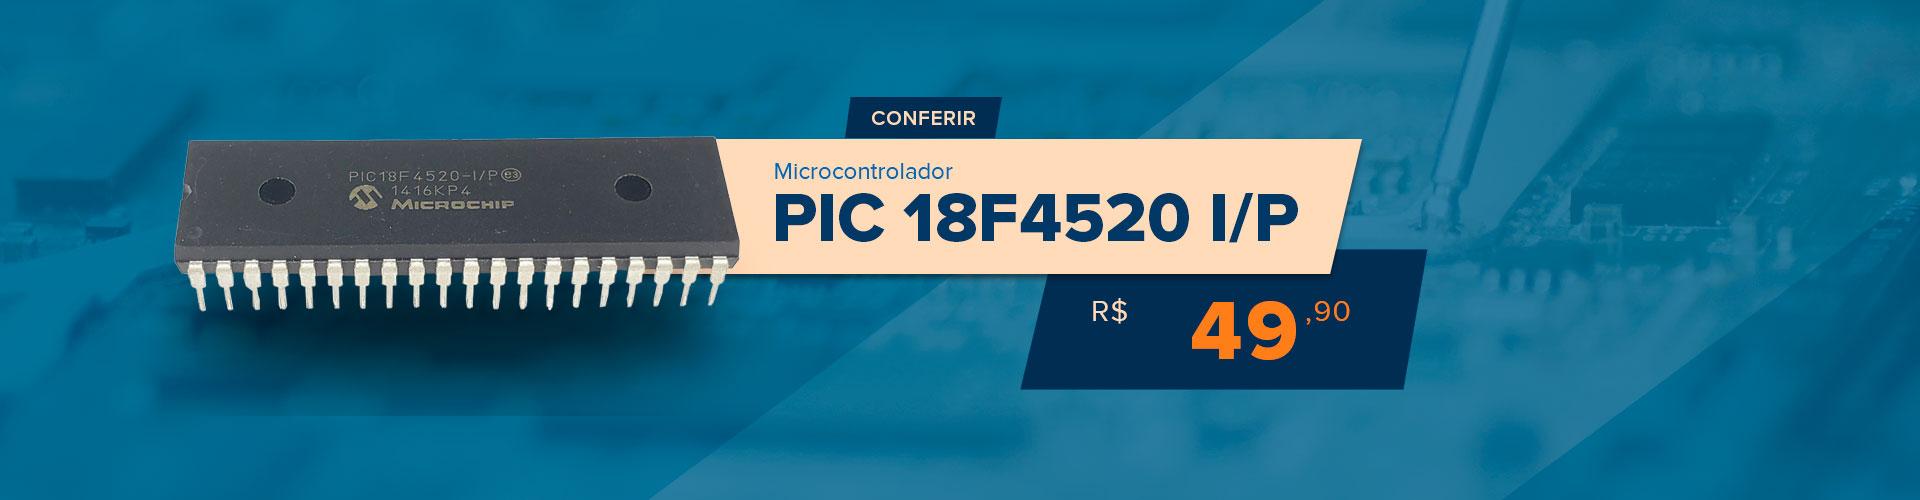 PIC 18F4520 I/P